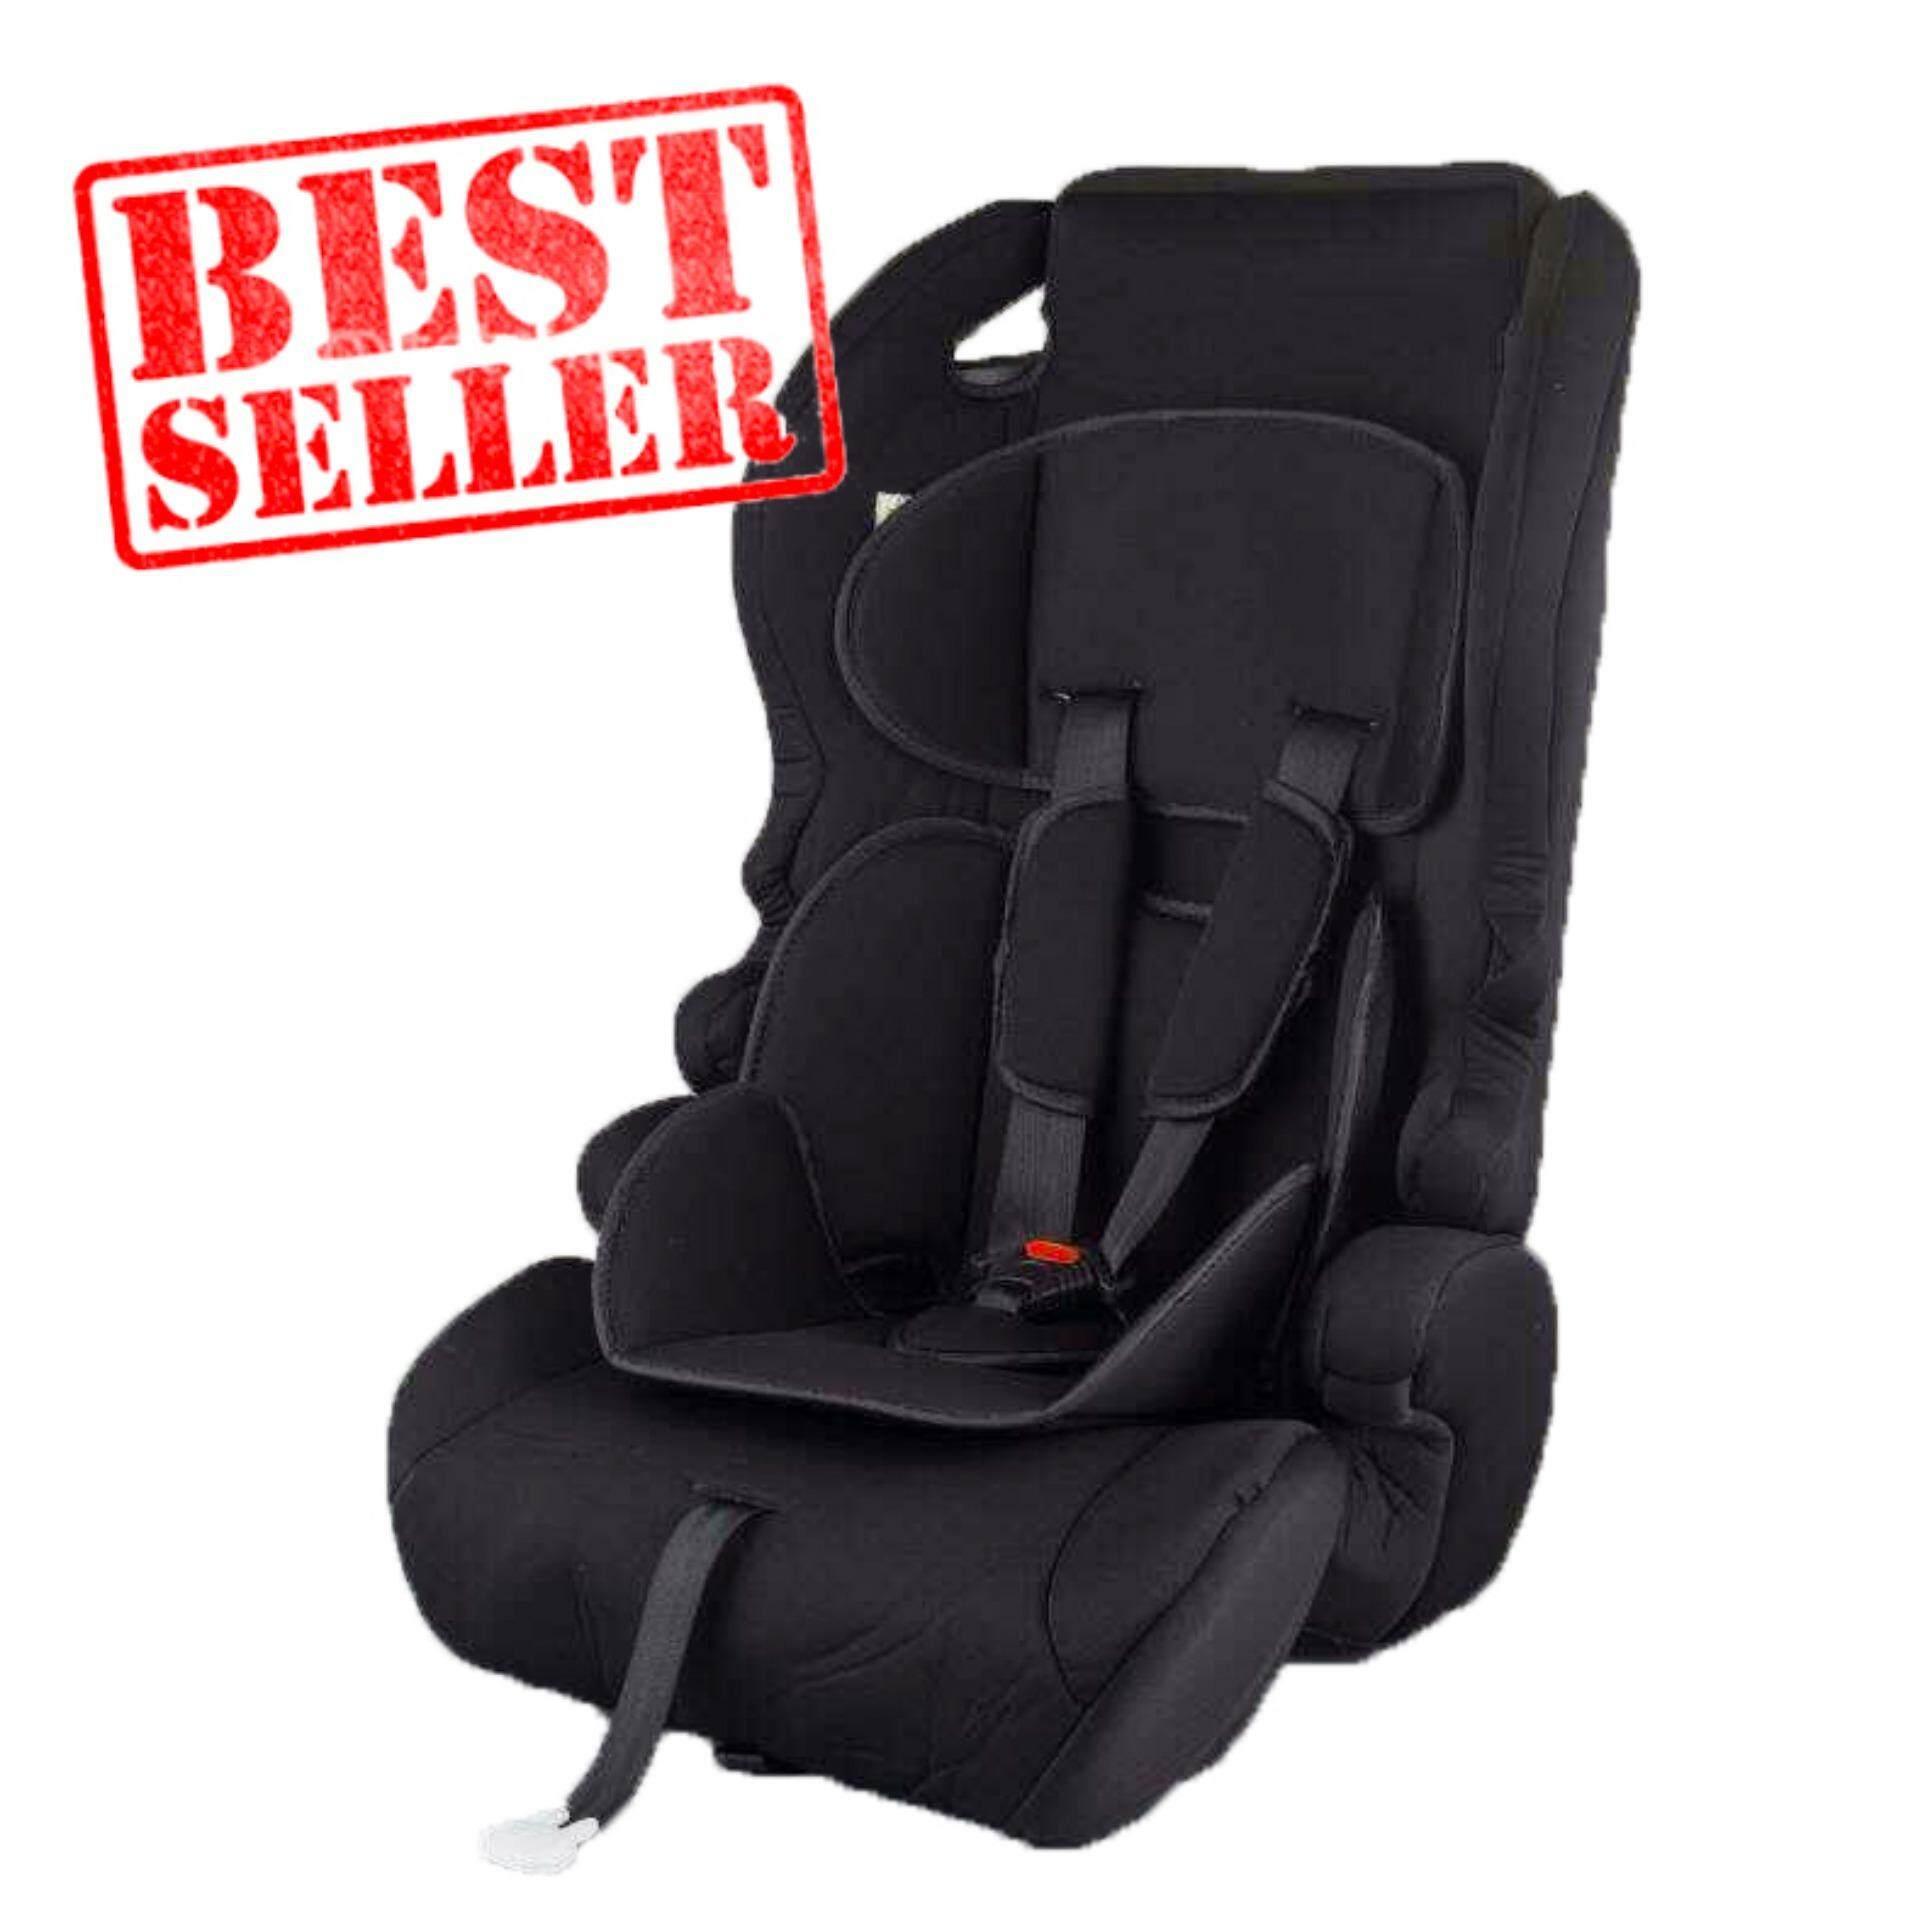 Baby Boo คาร์ซีท(car Seat) เบาะรถยนต์นิรภัยสำหรับเด็กขนาดใหญ่ ตั้งแต่อายุ 9 เดือน ถึง 12 ปี รุ่น: Y7 (สีดำ).